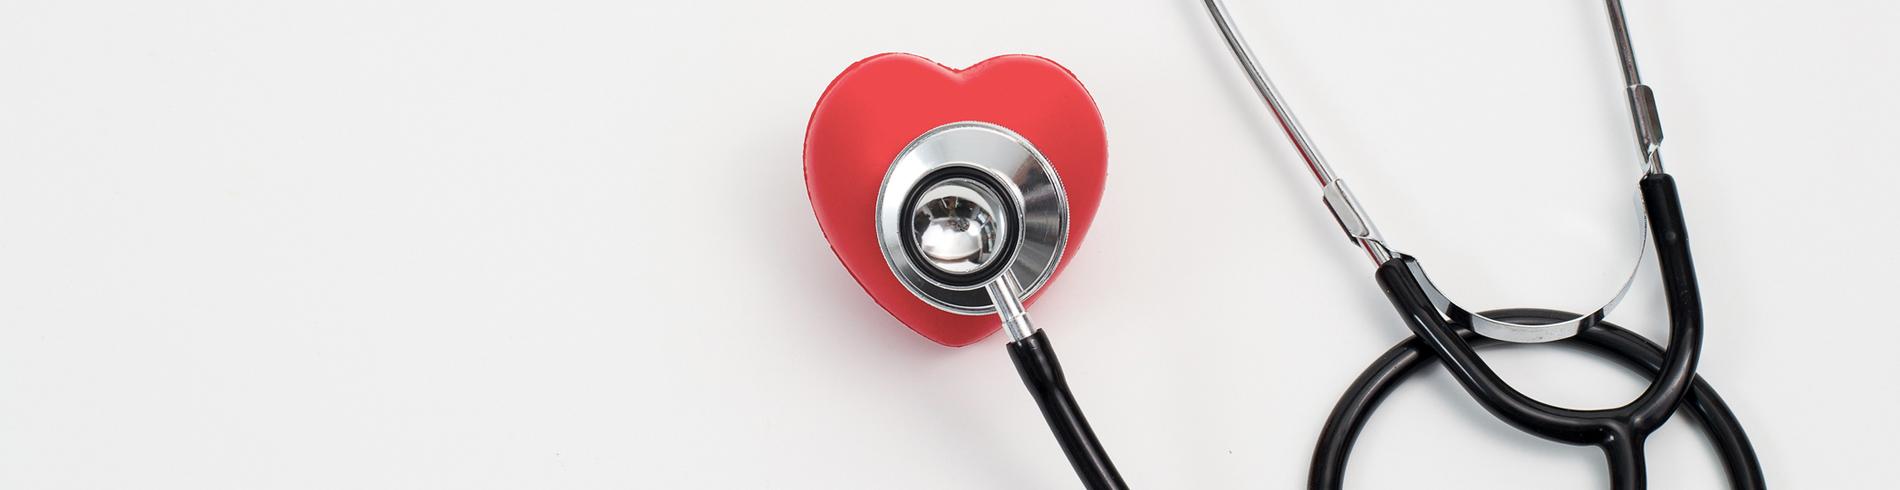 Cardiac rehabilitation service